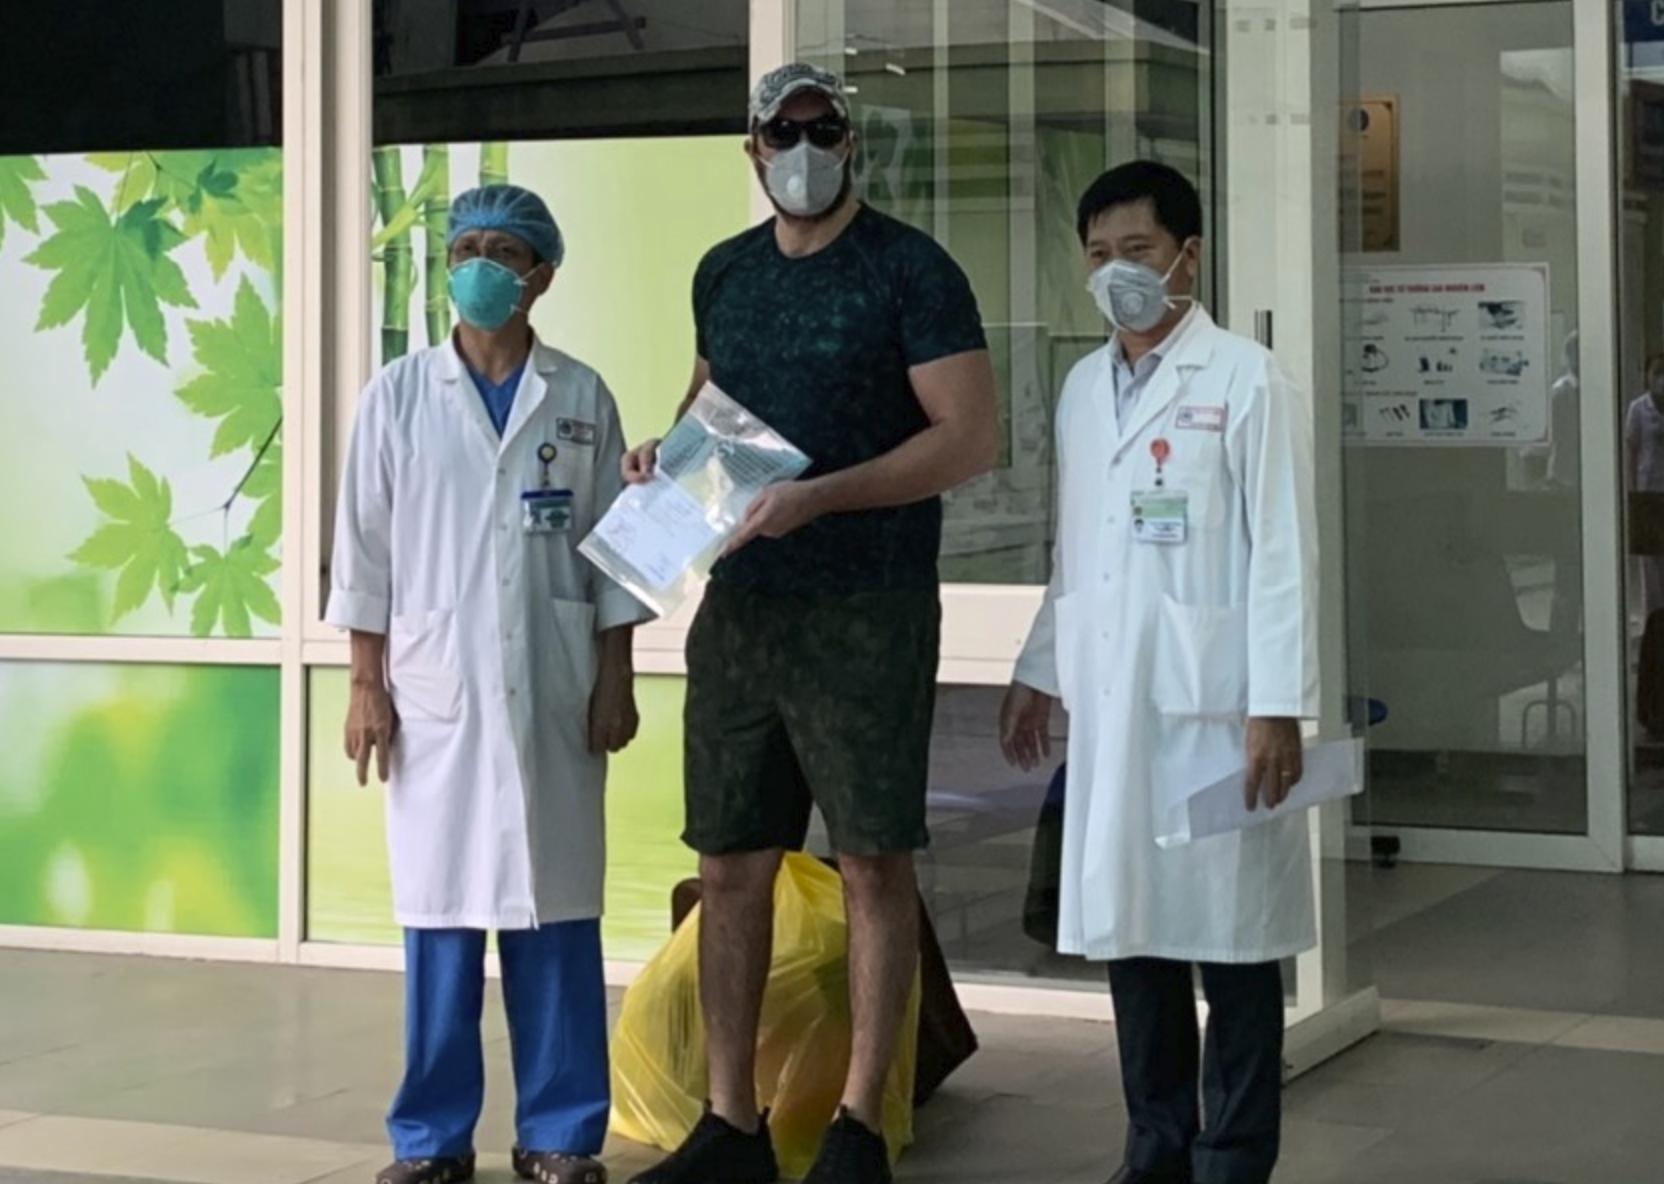 Bệnh nhân mắc Covid-19 ở Đà Nẵng: 'Cảm ơn Việt Nam đã cứu tôi' - Ảnh 1.